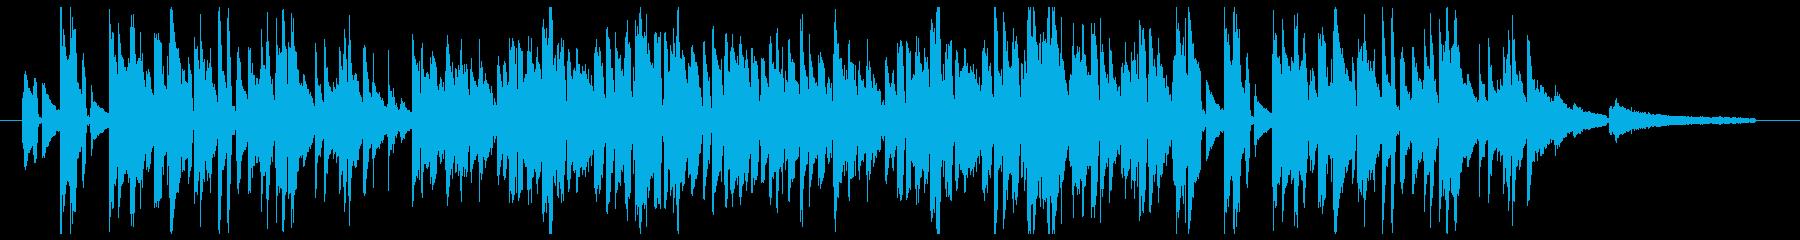 秋をイメージした切なげなピアノ曲の再生済みの波形